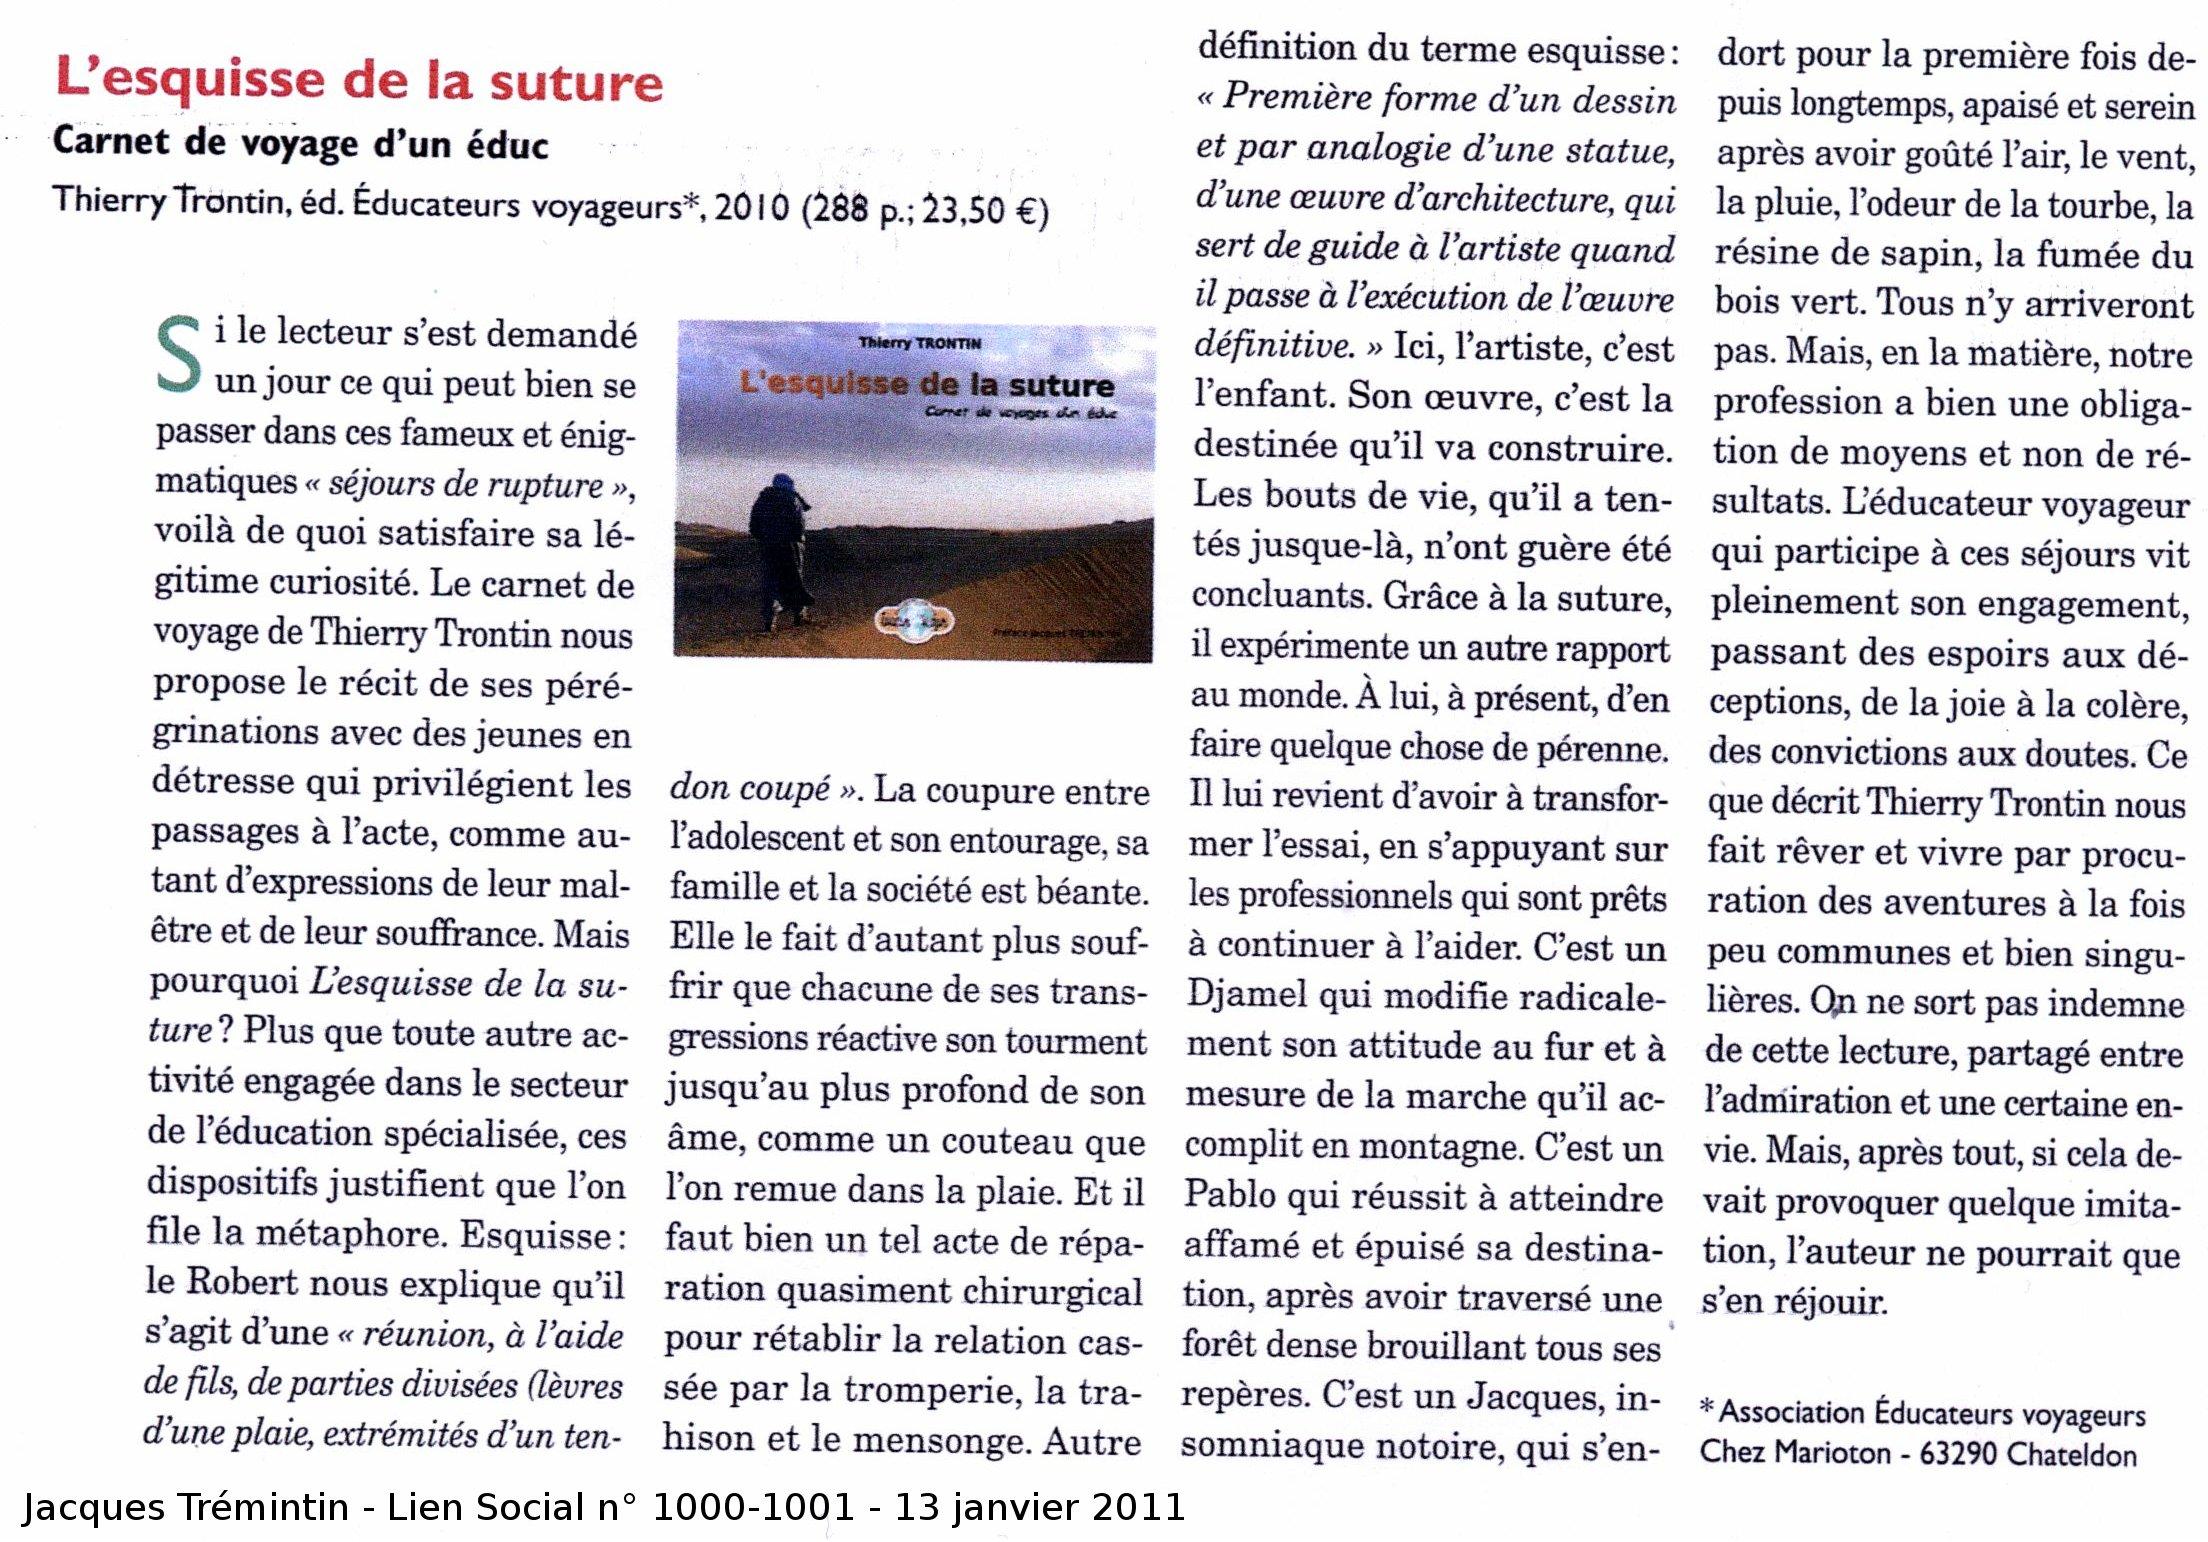 Educateurs voyageurs l 39 esquisse de la suture for Chambre sociale 13 janvier 2010